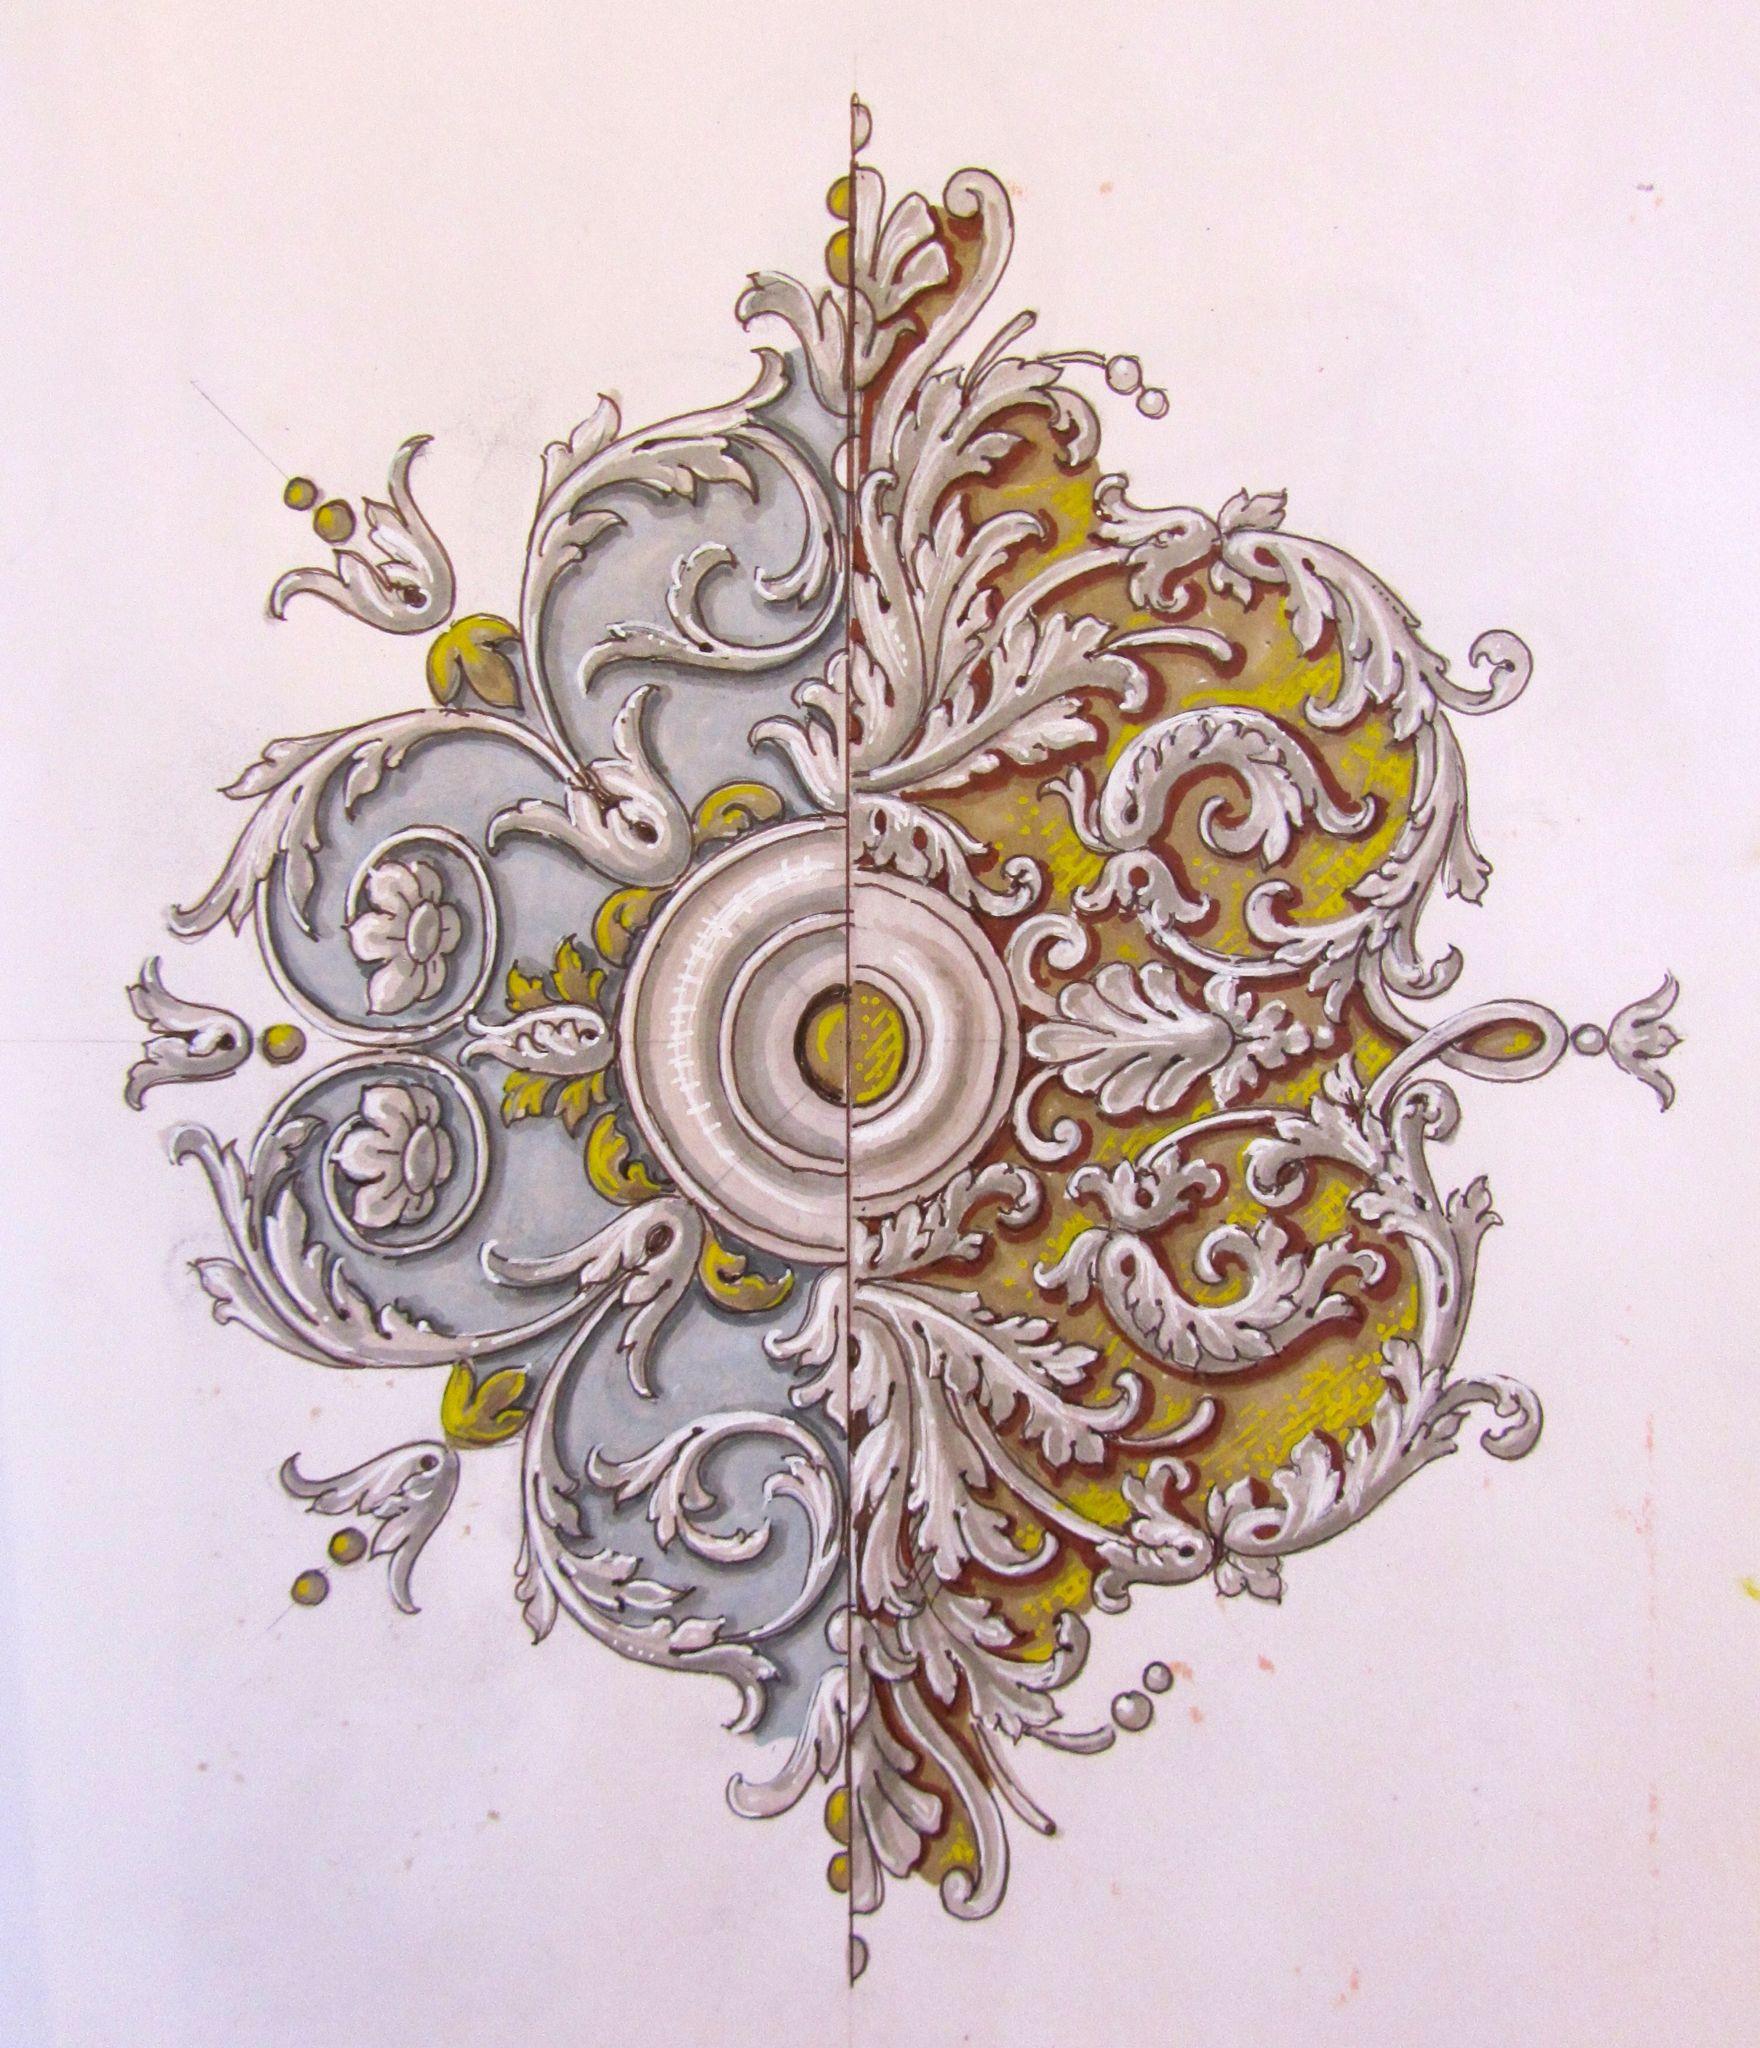 Ornato sketch decori konst for Arredamento artistico